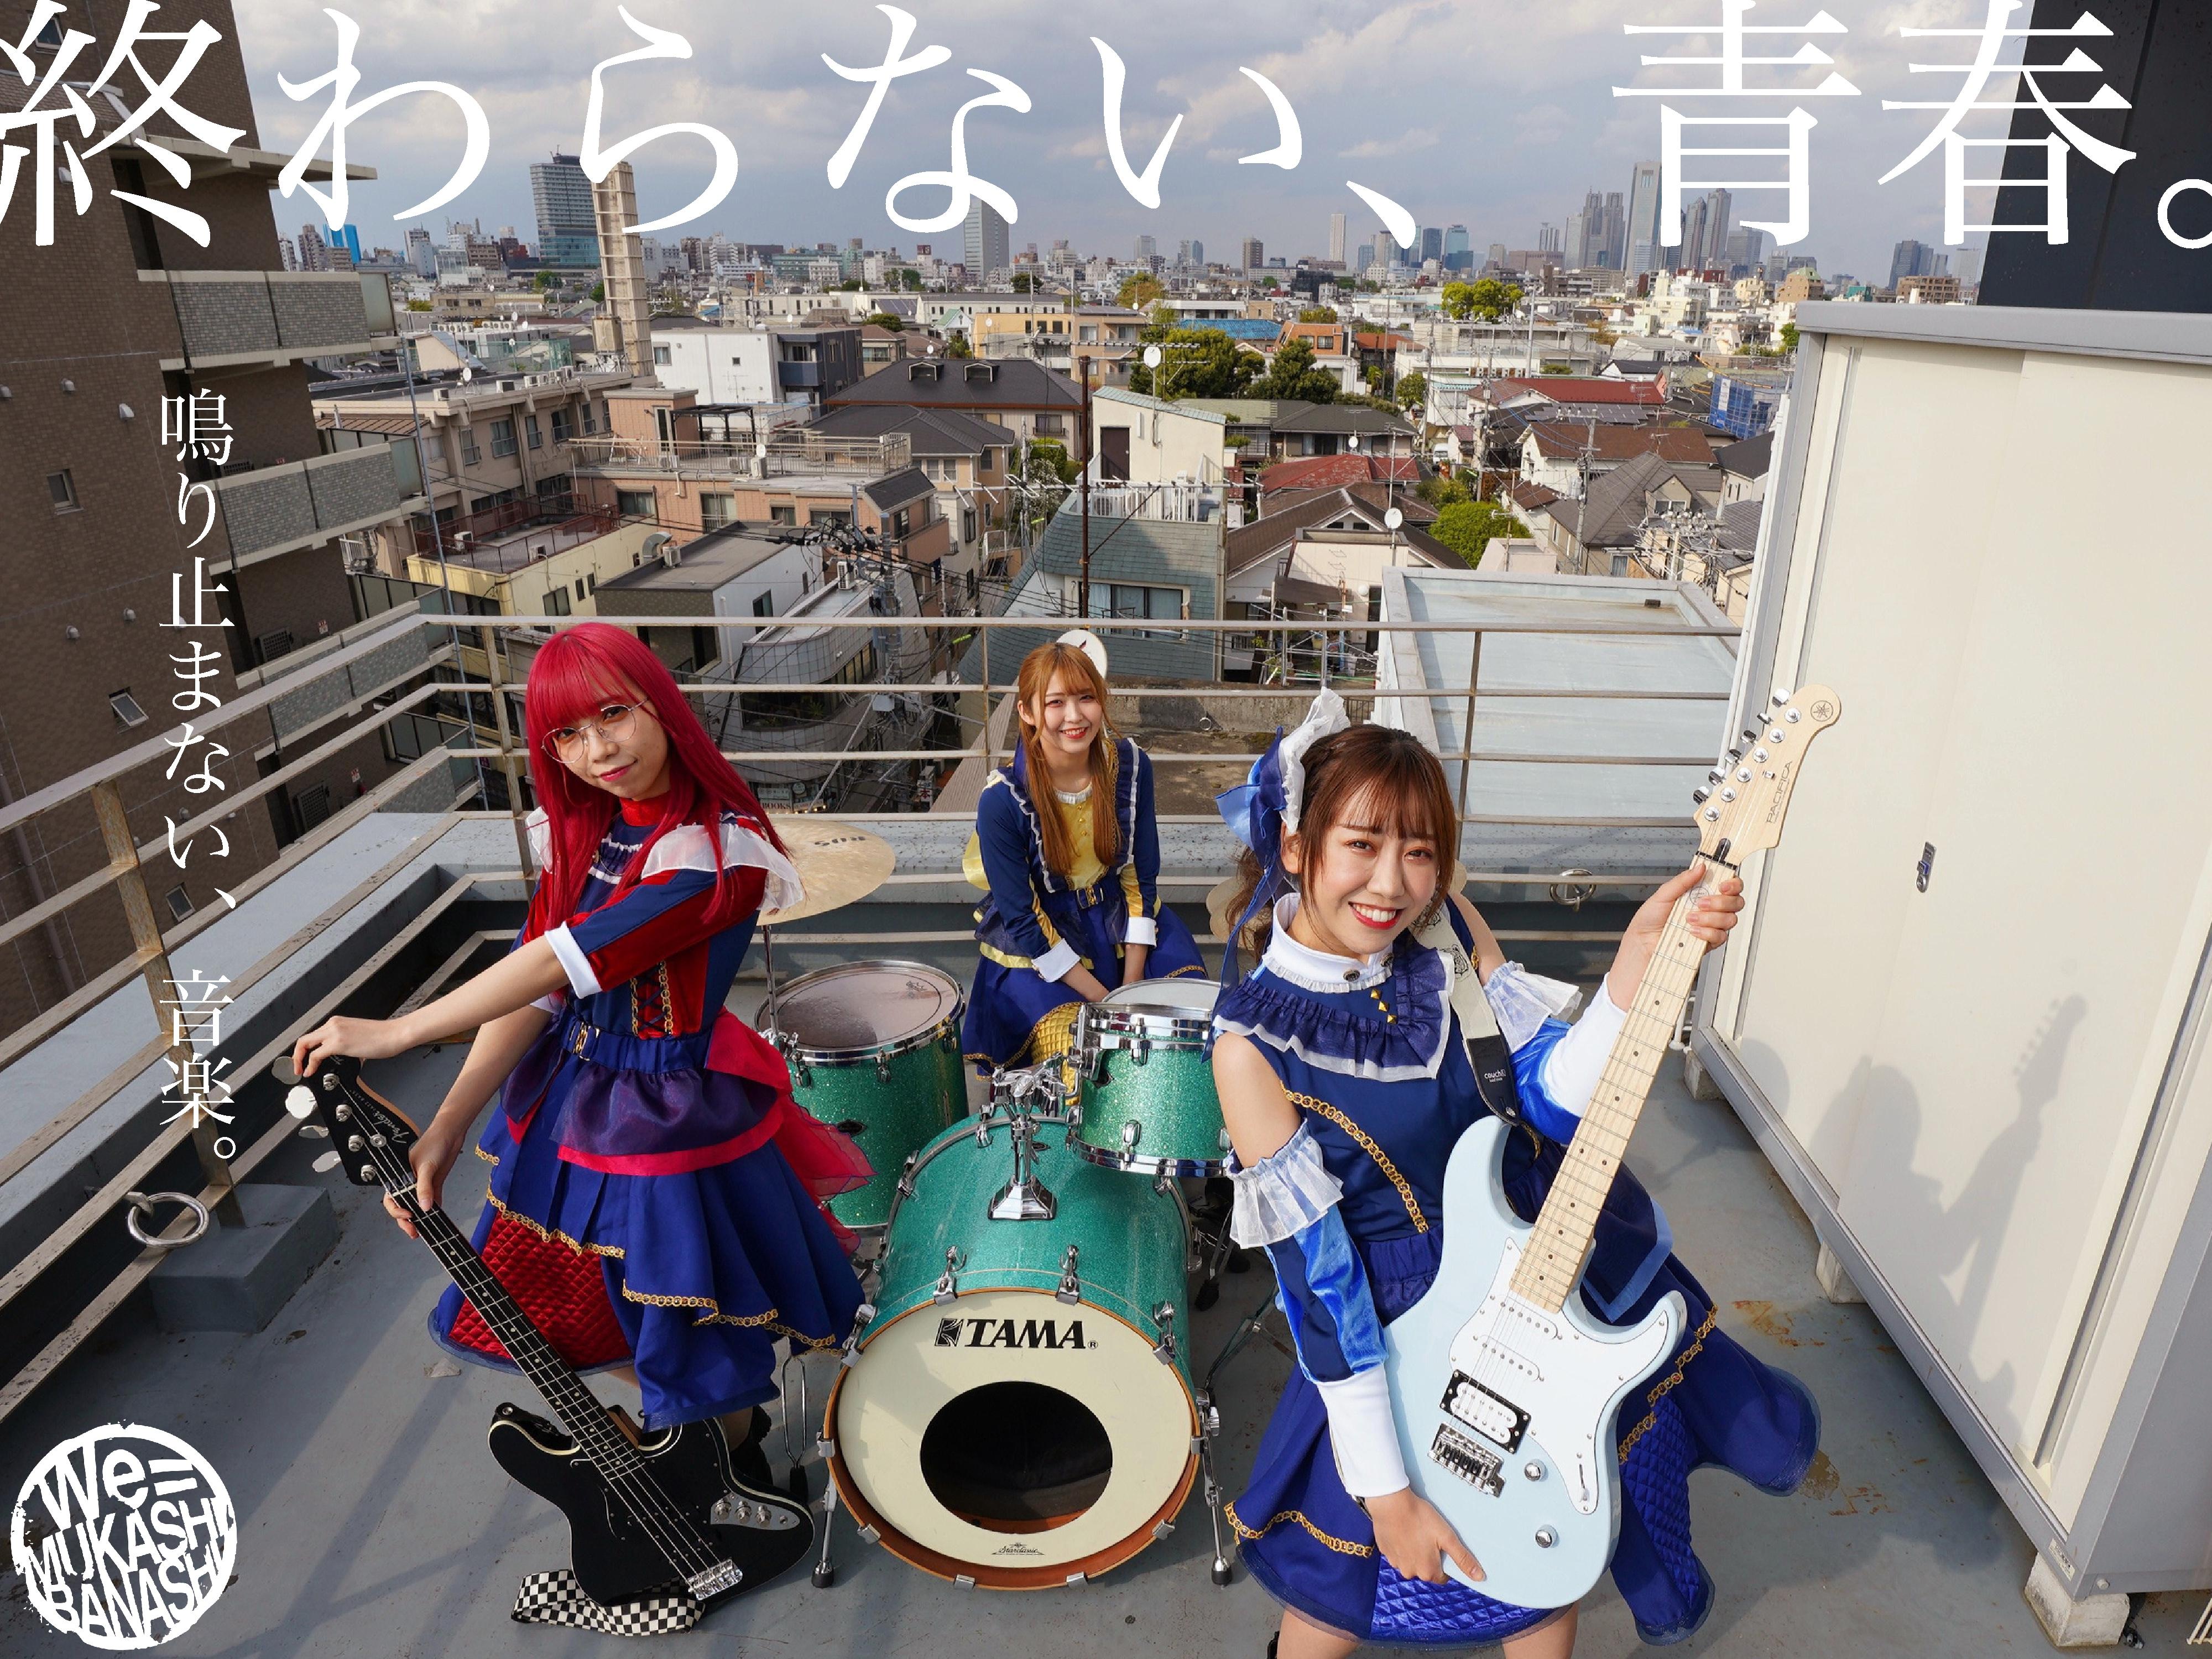 オーディション We=MUKASHIBANASHI(ウイバナ) 新メンバー募集 175RのISAKICKが音楽Dを務めるウイバナ 主催:zohfuku studio、カテゴリ:アイドル(本格派)